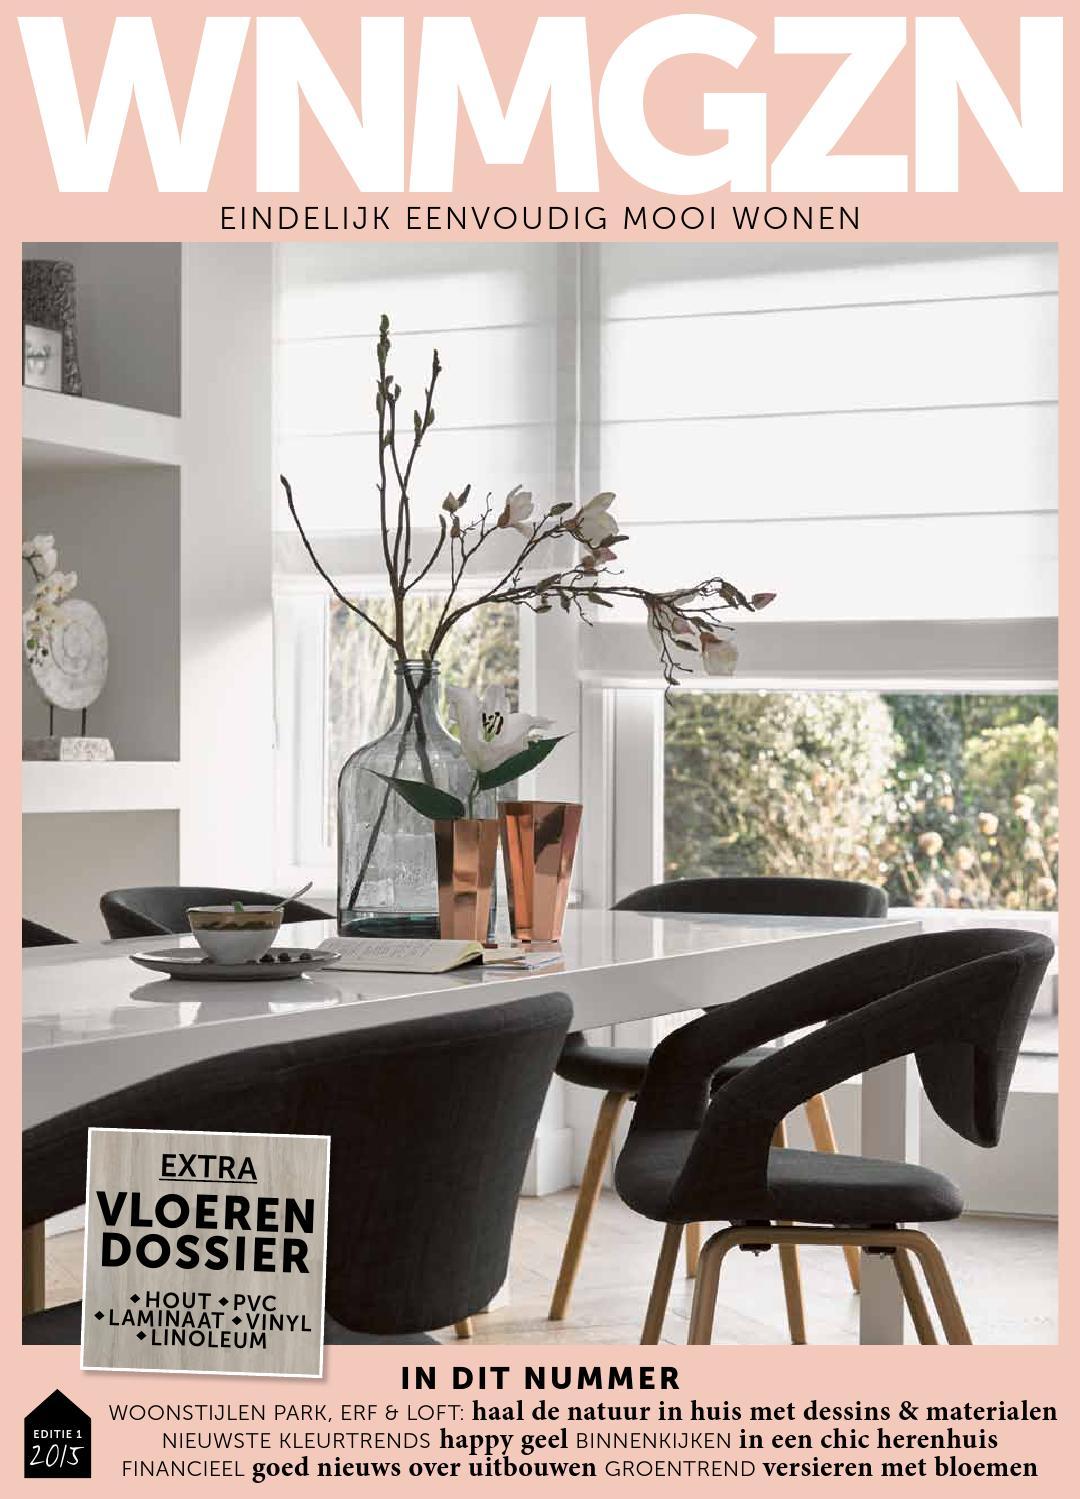 WNMGZN 01-2015 woonmagazine 't Binnenhuis Groningen by 't ...